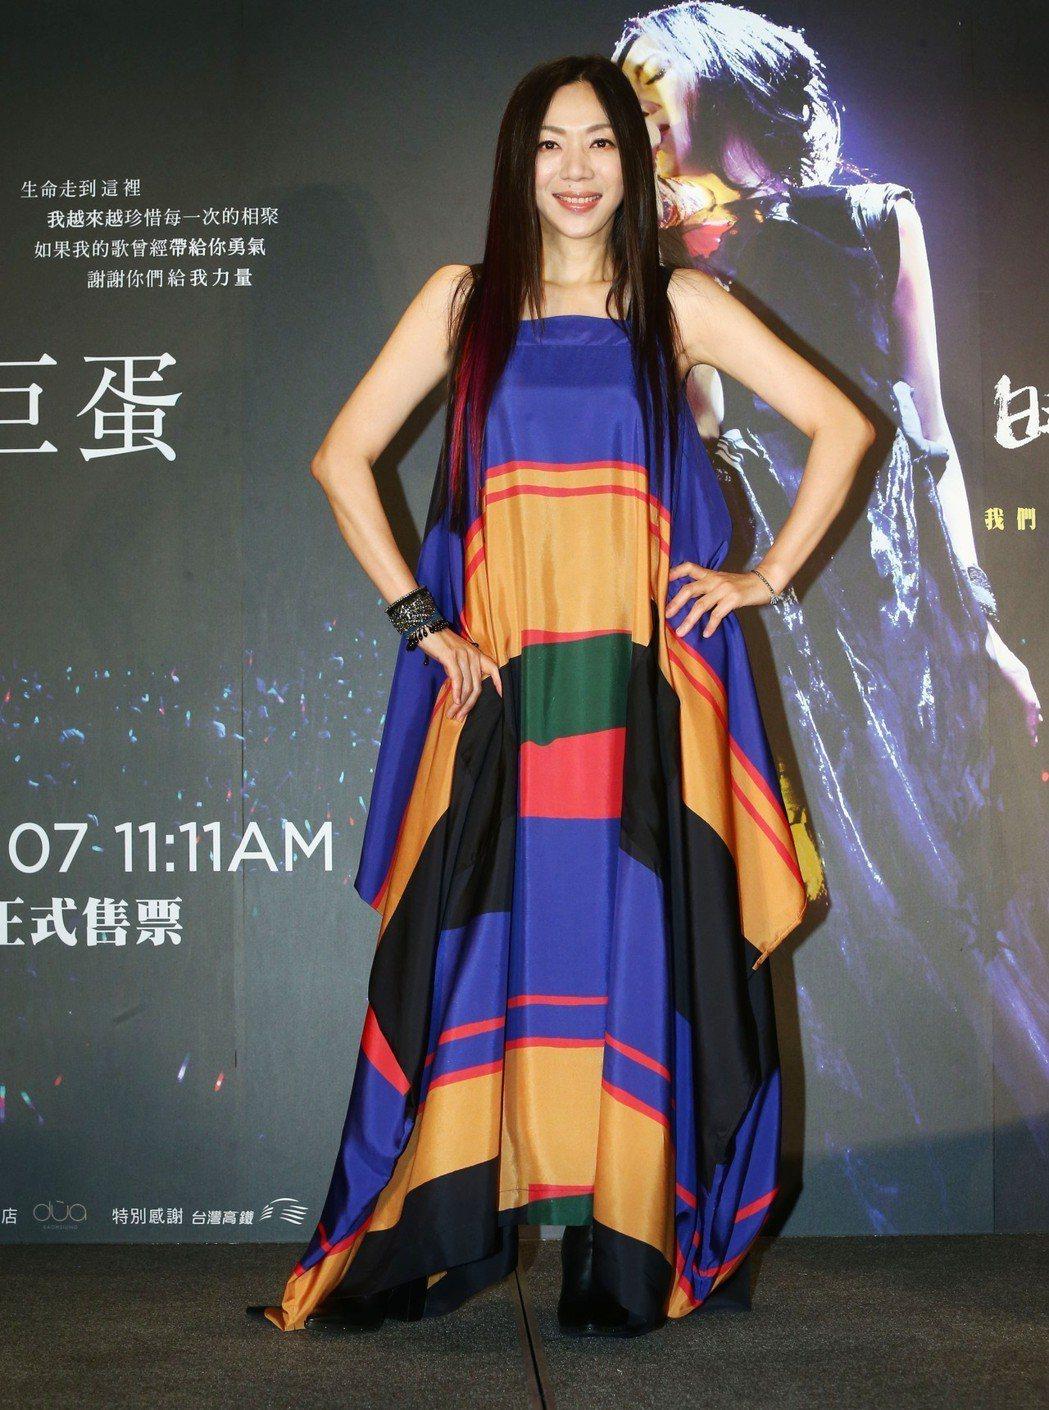 萬芳宣布12月8日唱進高雄巨蛋,舉辦「時間仍然繼續在走」演唱會。圖/聯成娛樂提供